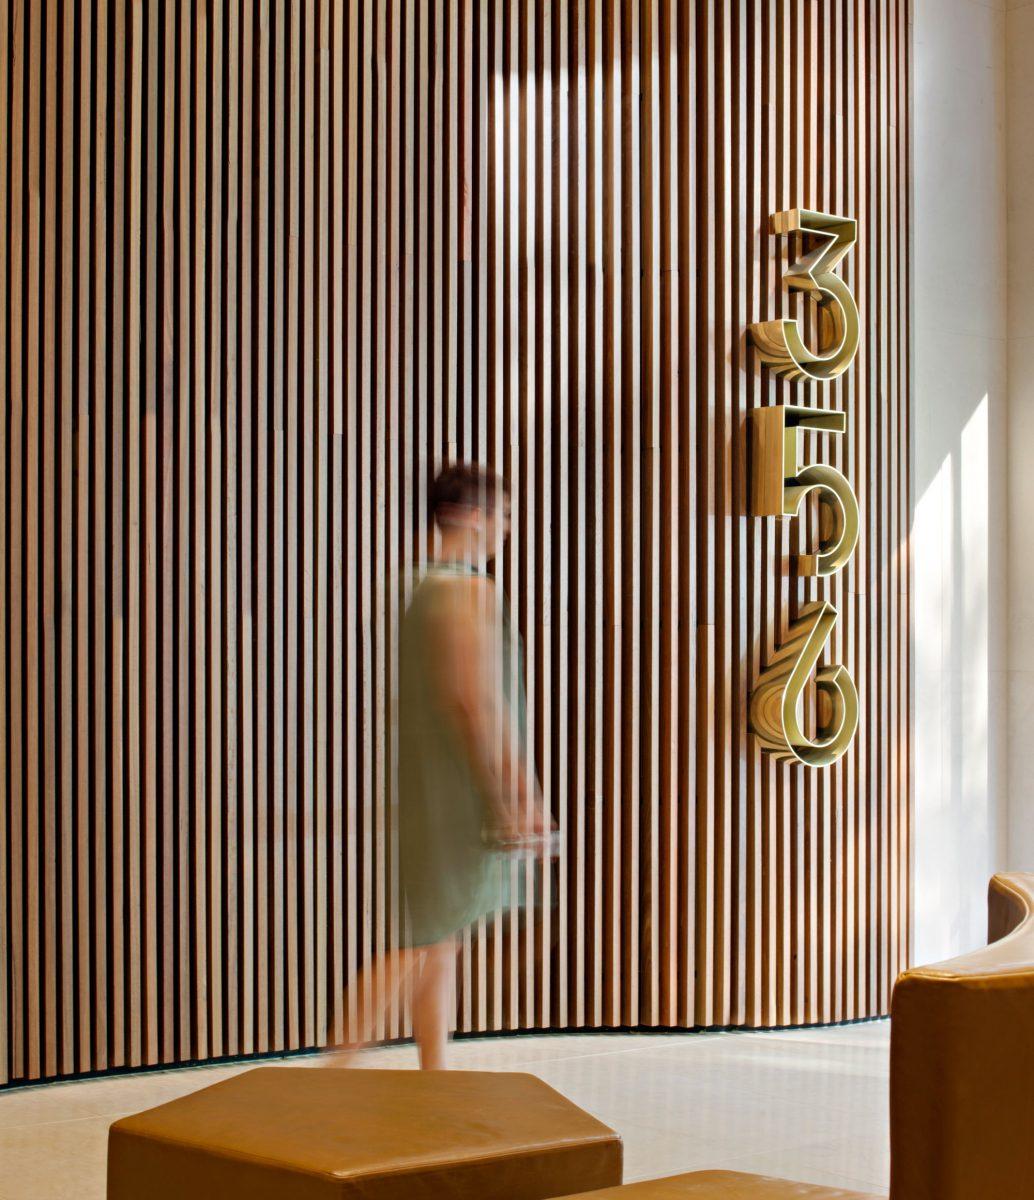 柯林斯街356号导视系统规划设计©seesawstudio